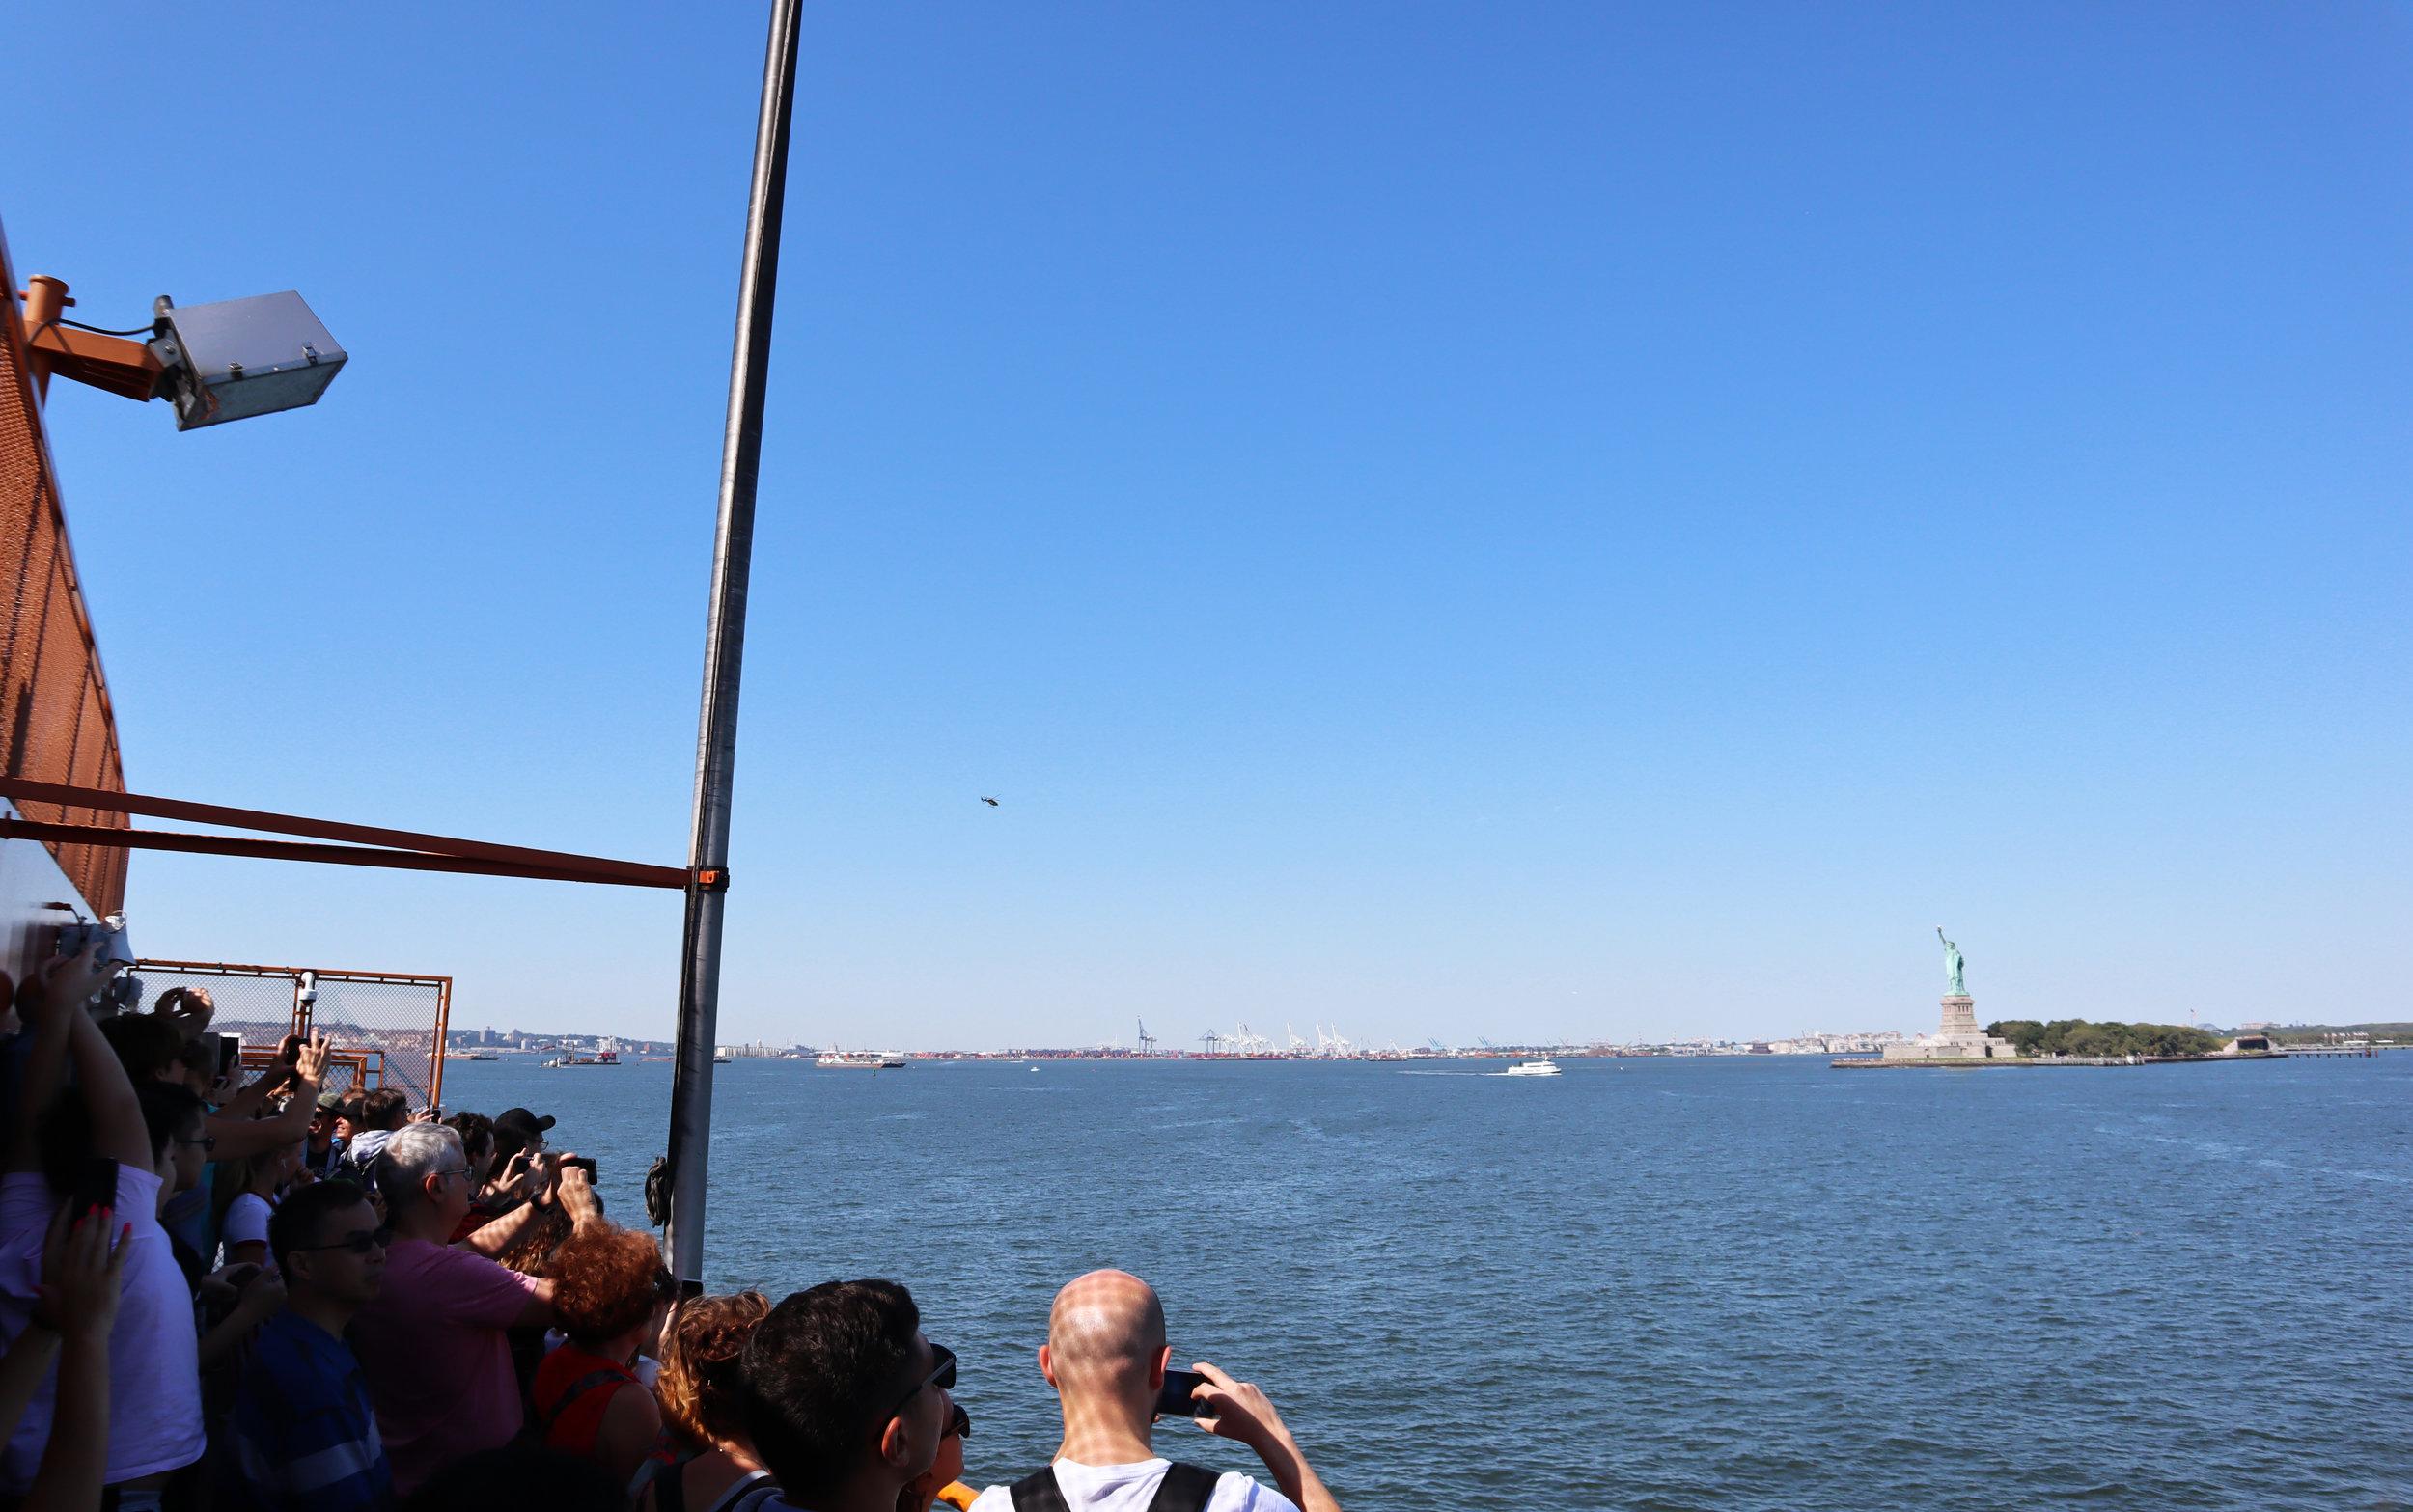 Туристы на борту парома и Статуя Свободы